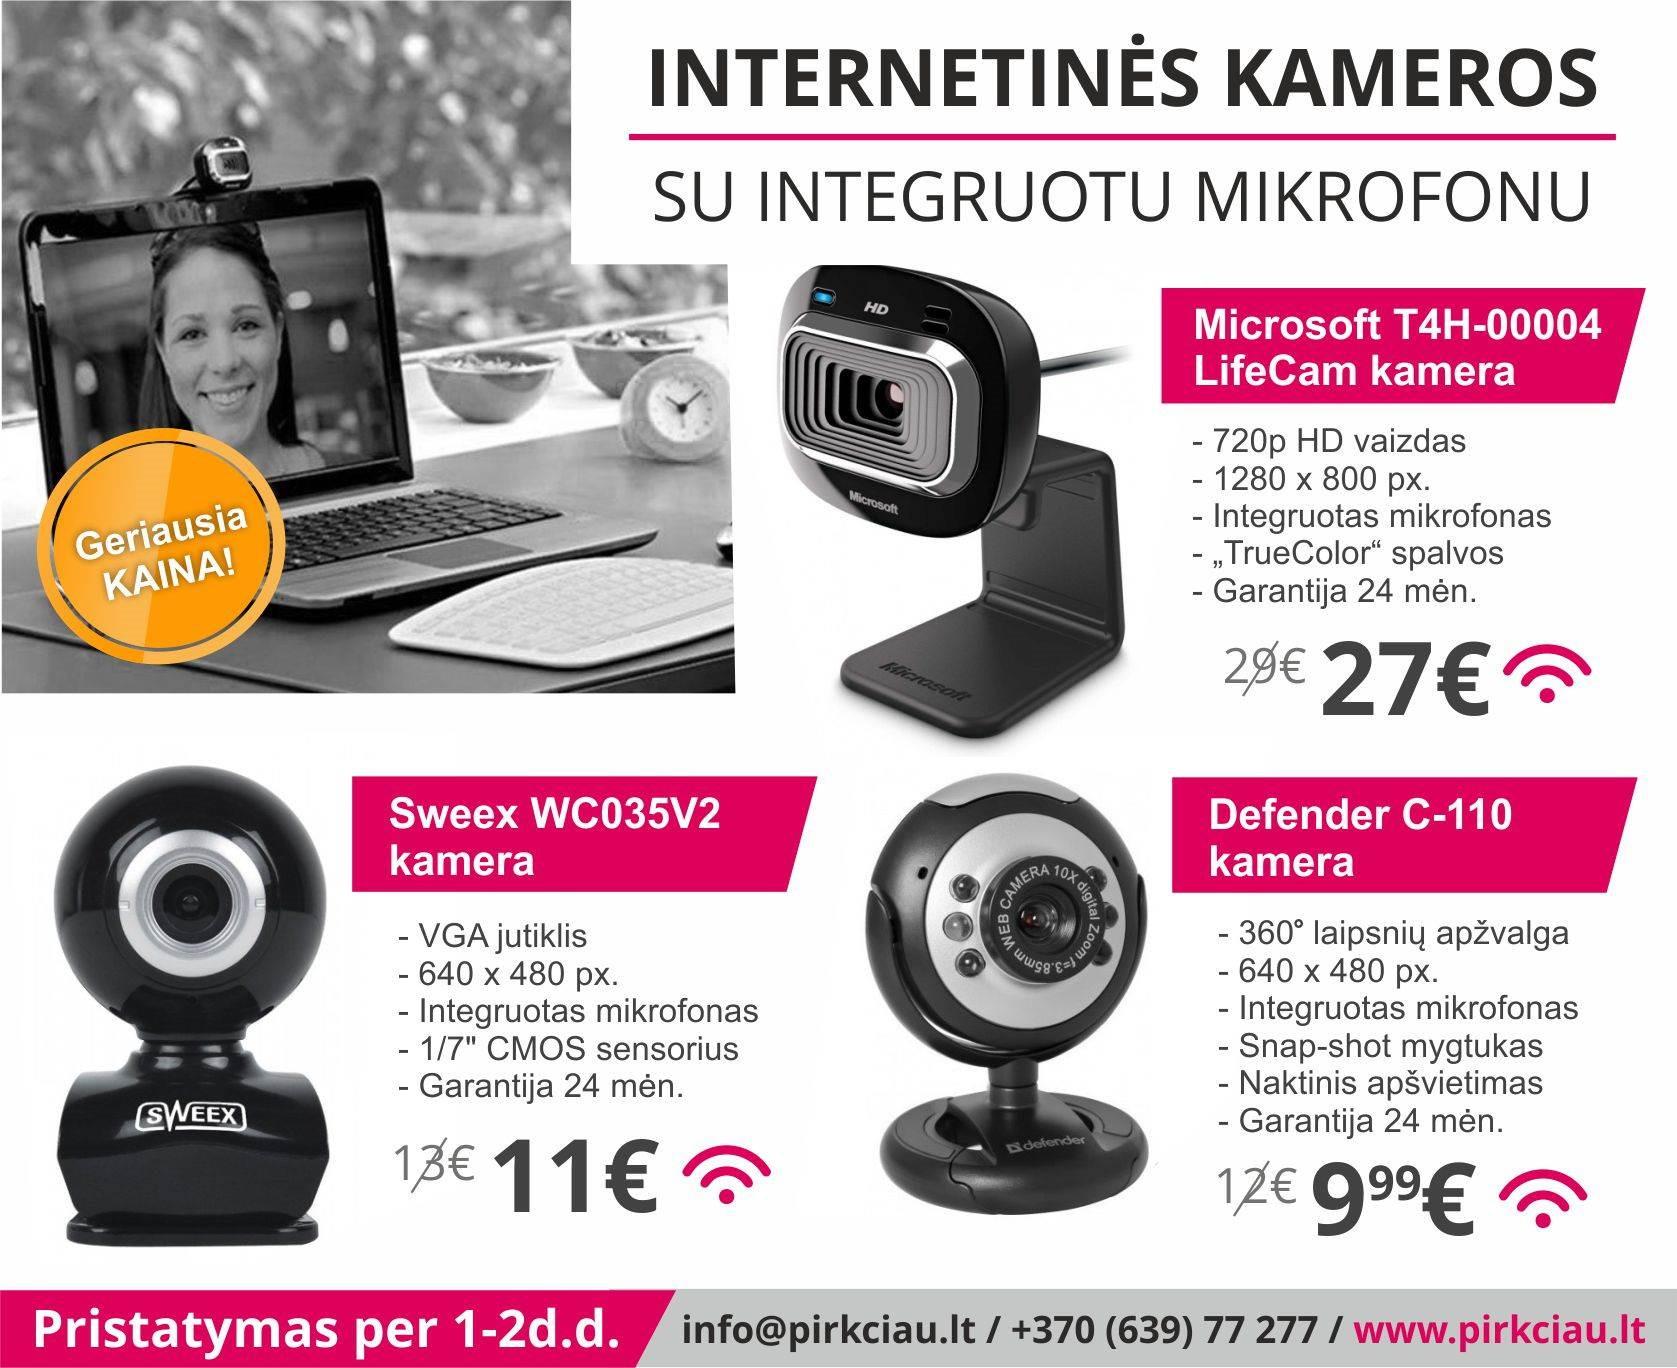 Komoiuterių kameros už geriausia kaina su 24 mėn garantija.